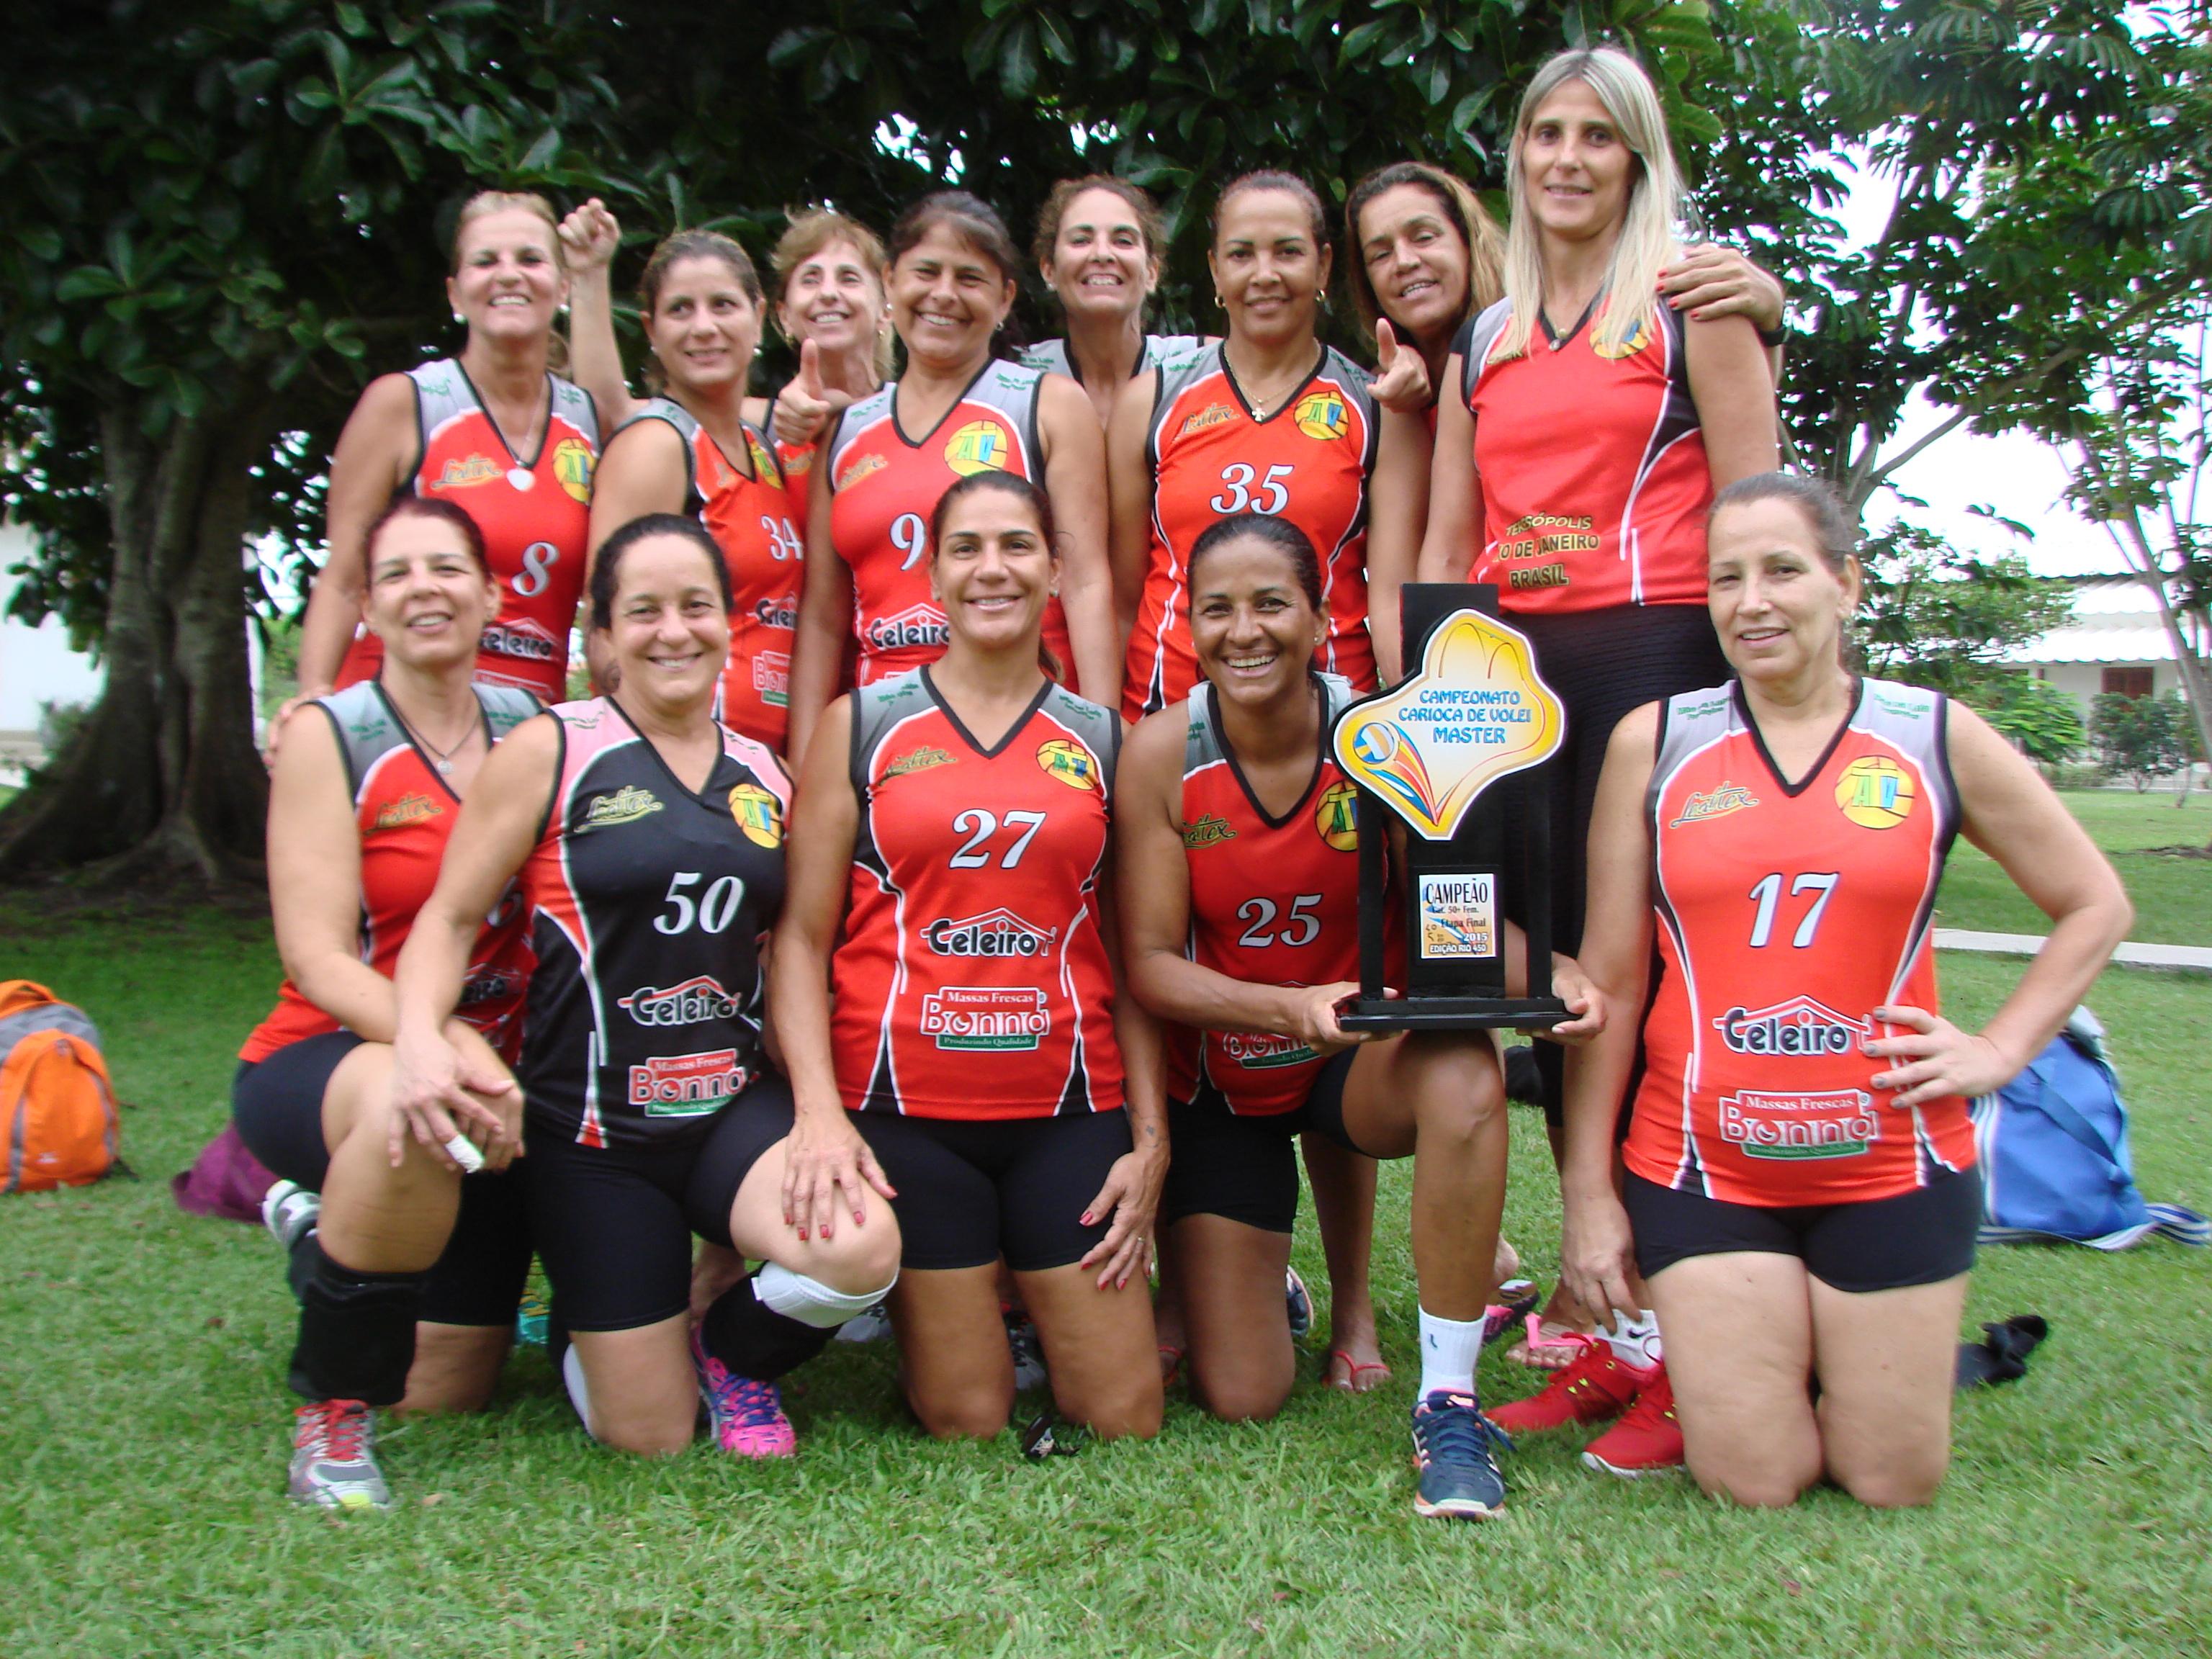 ATV_MASTER_CARIOCA_2015_50+CAMPEÃ